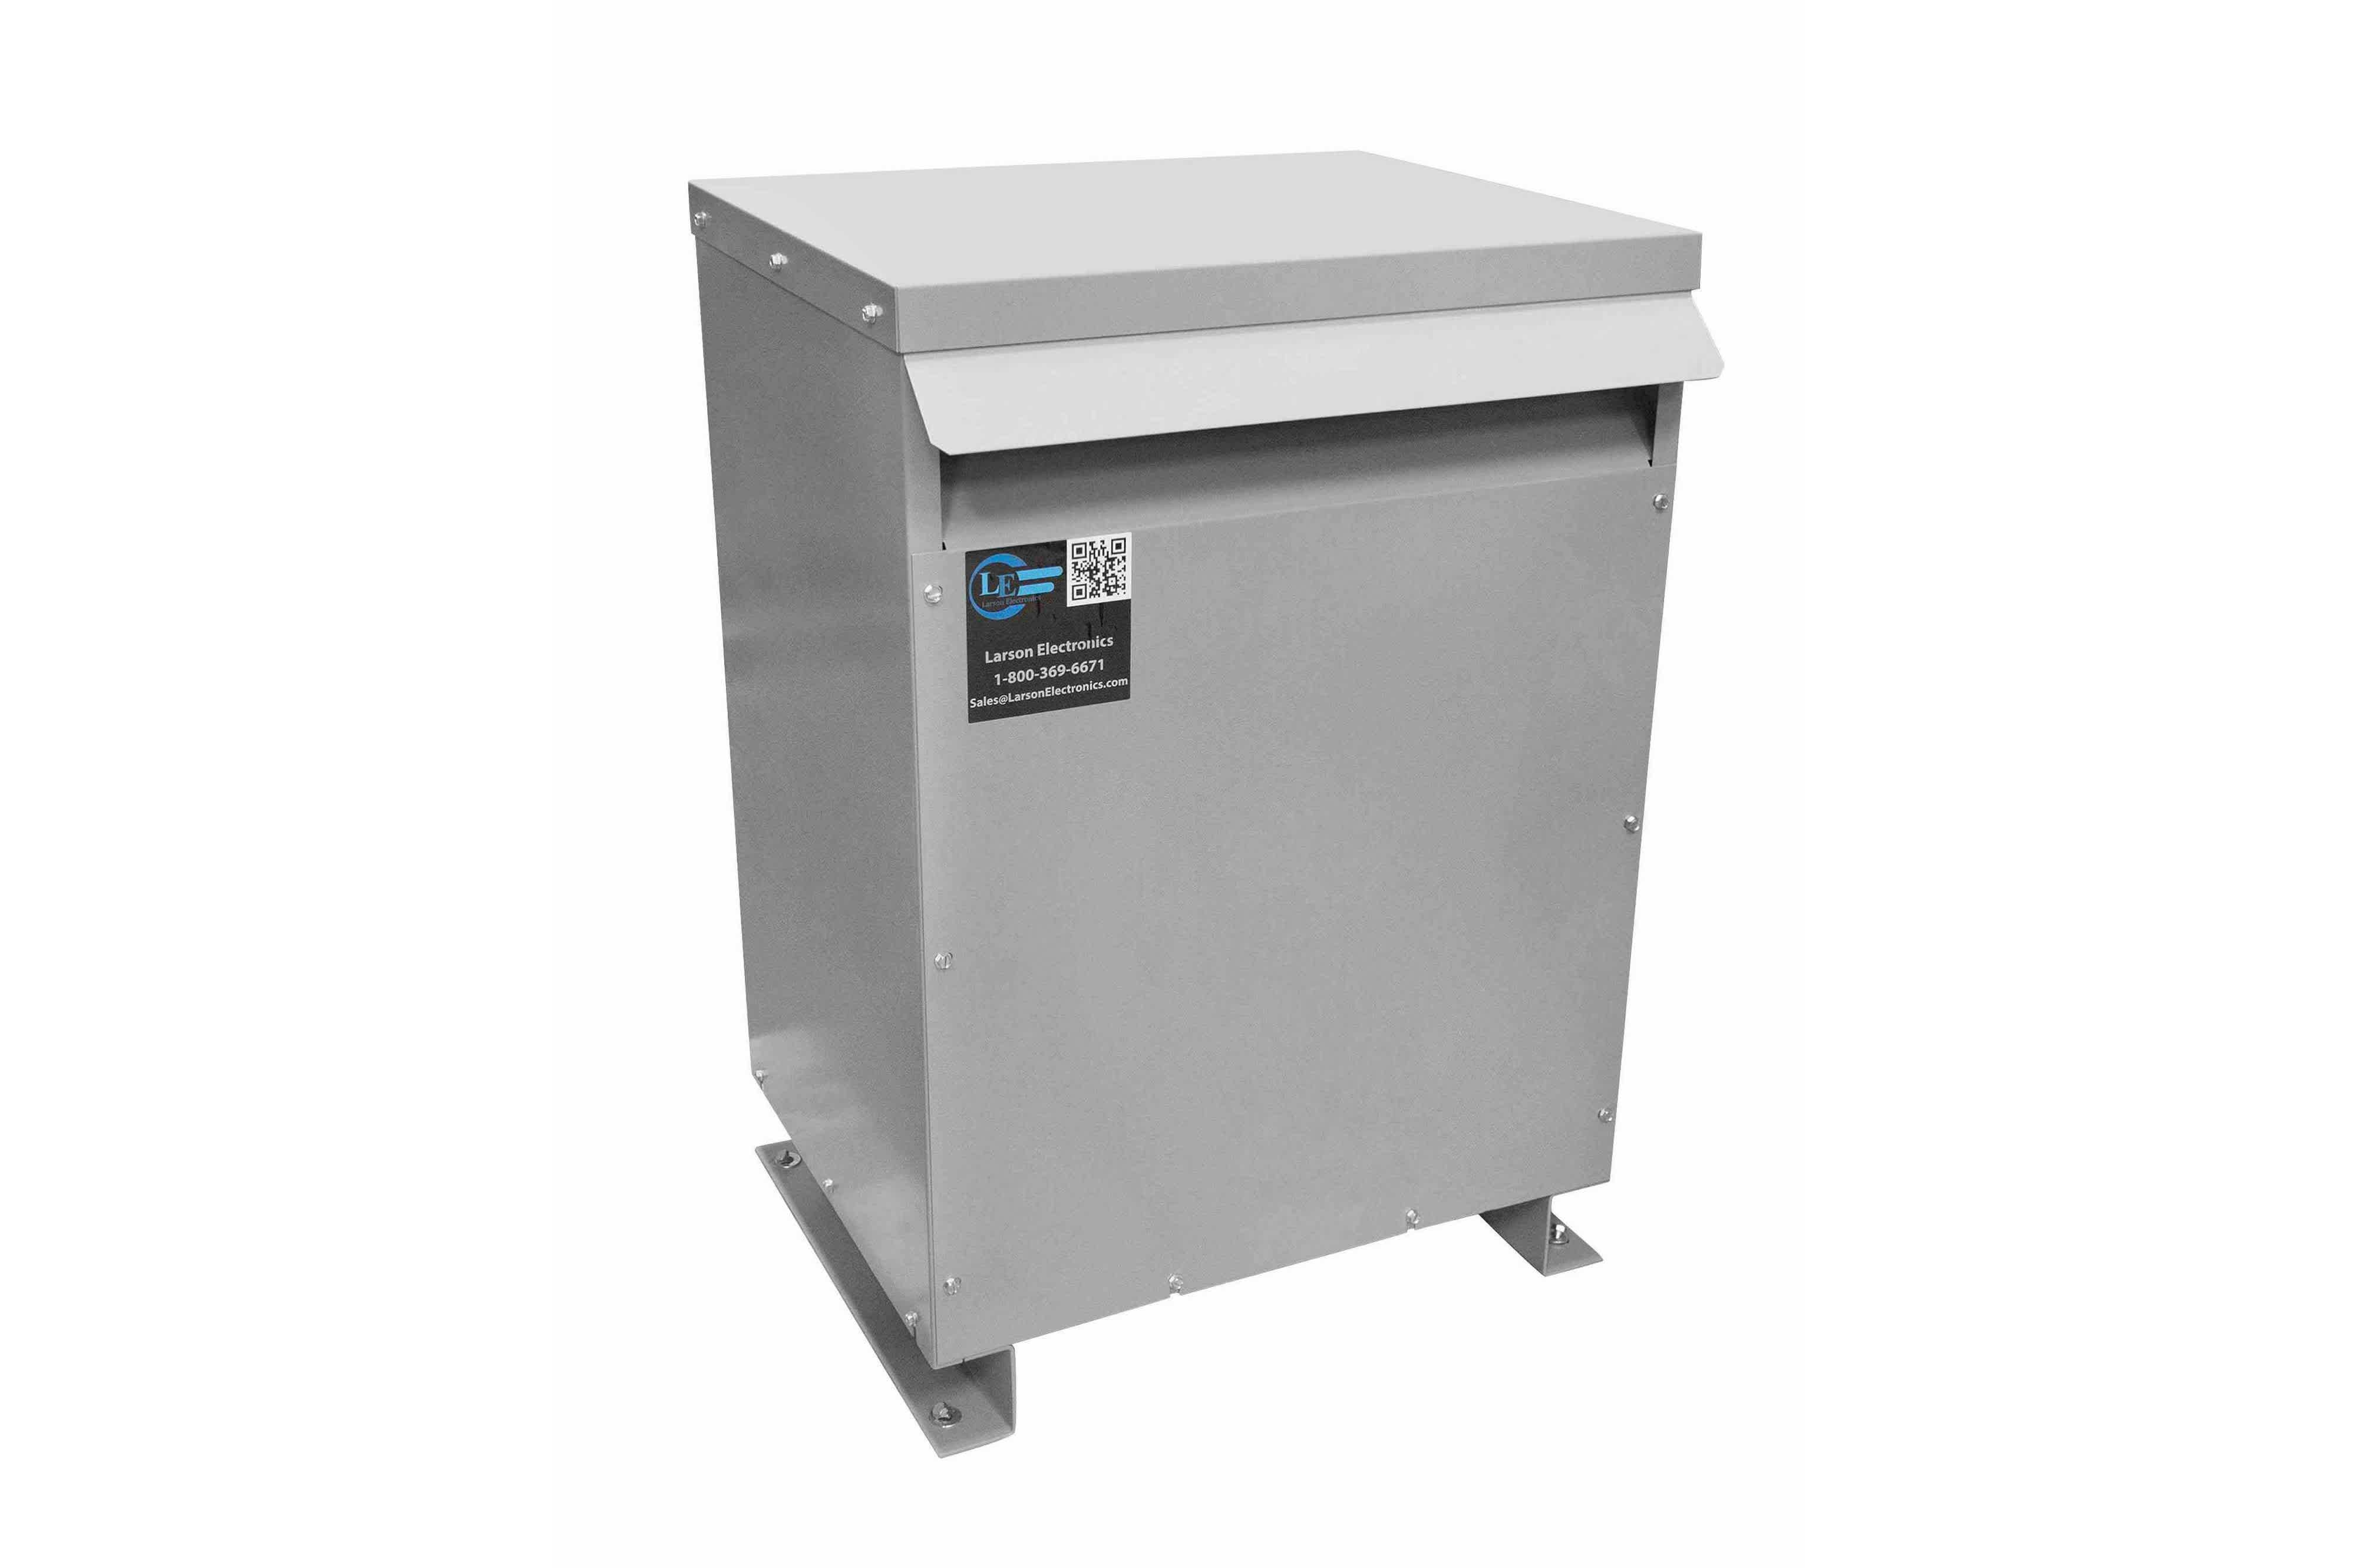 28 kVA 3PH Isolation Transformer, 240V Delta Primary, 415V Delta Secondary, N3R, Ventilated, 60 Hz